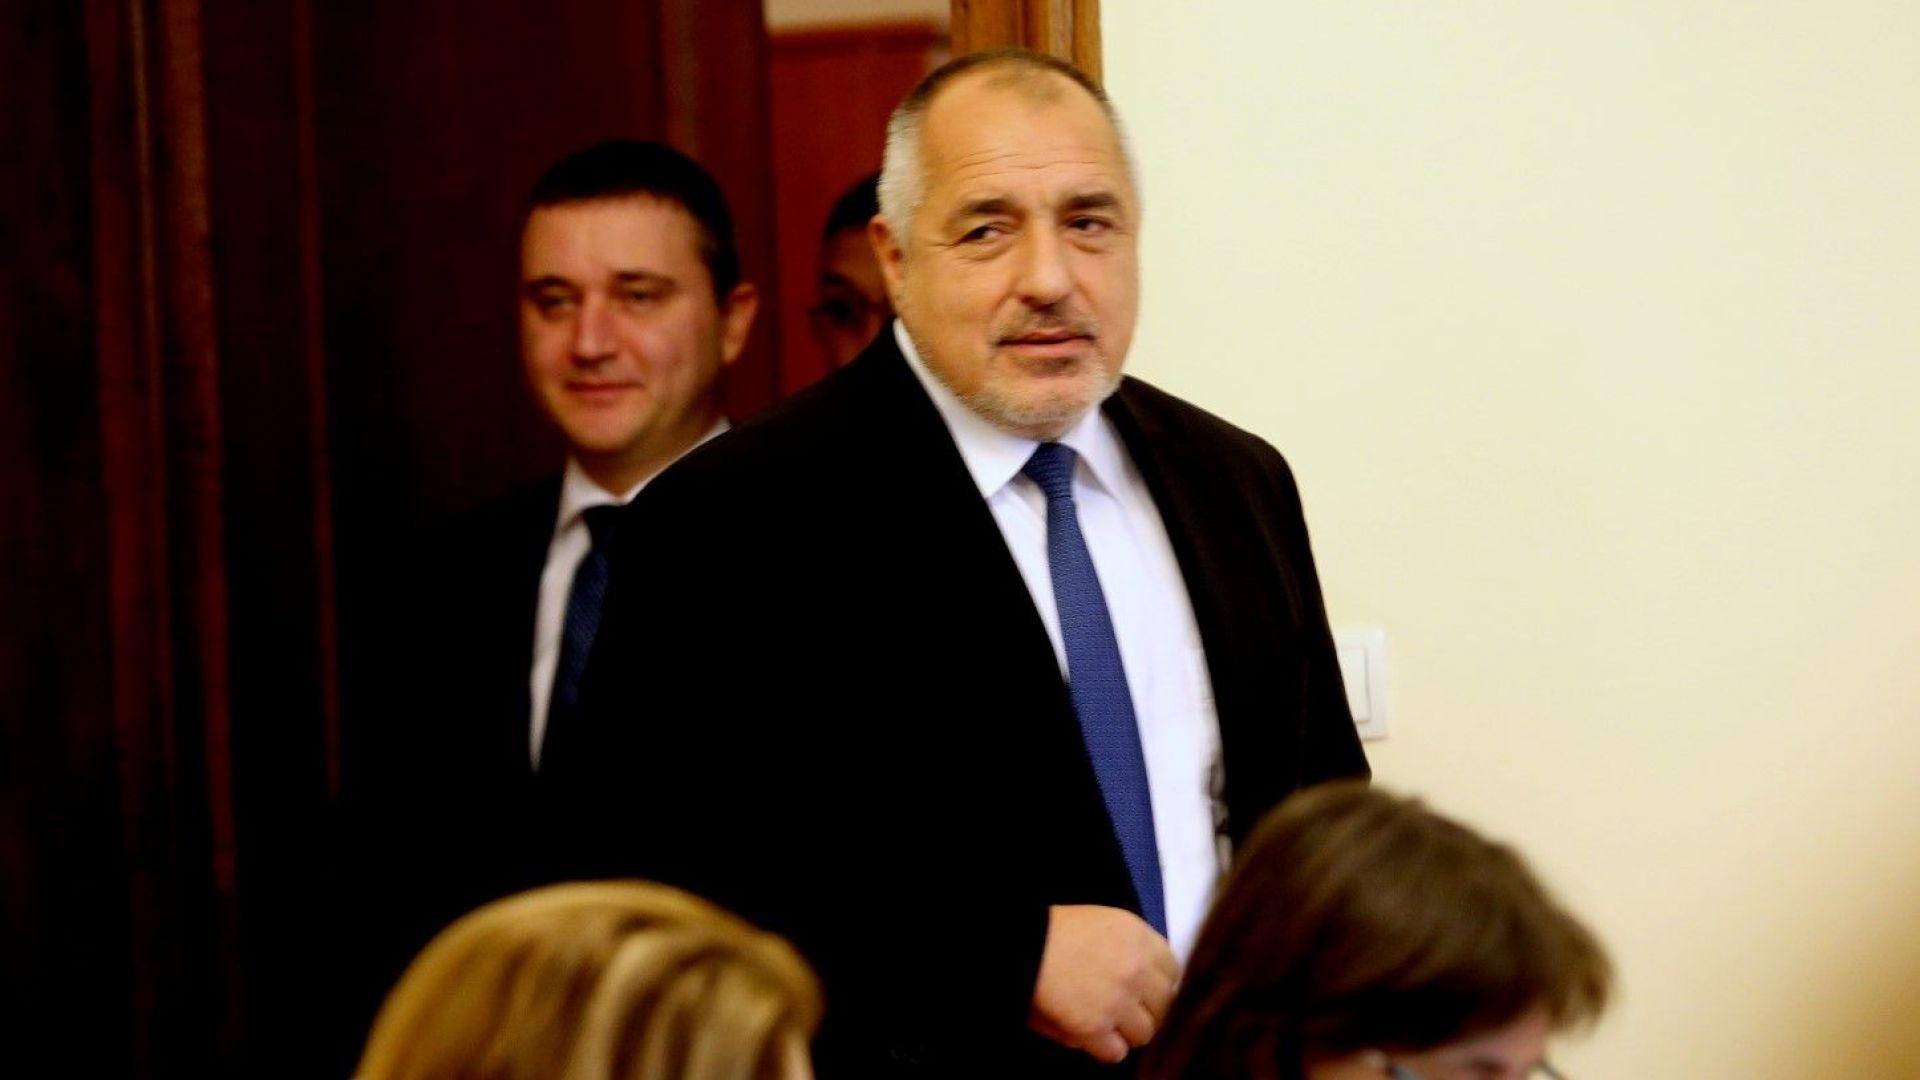 Премиерът Бойко Борисов лансира днес в Народното събрание идеята за